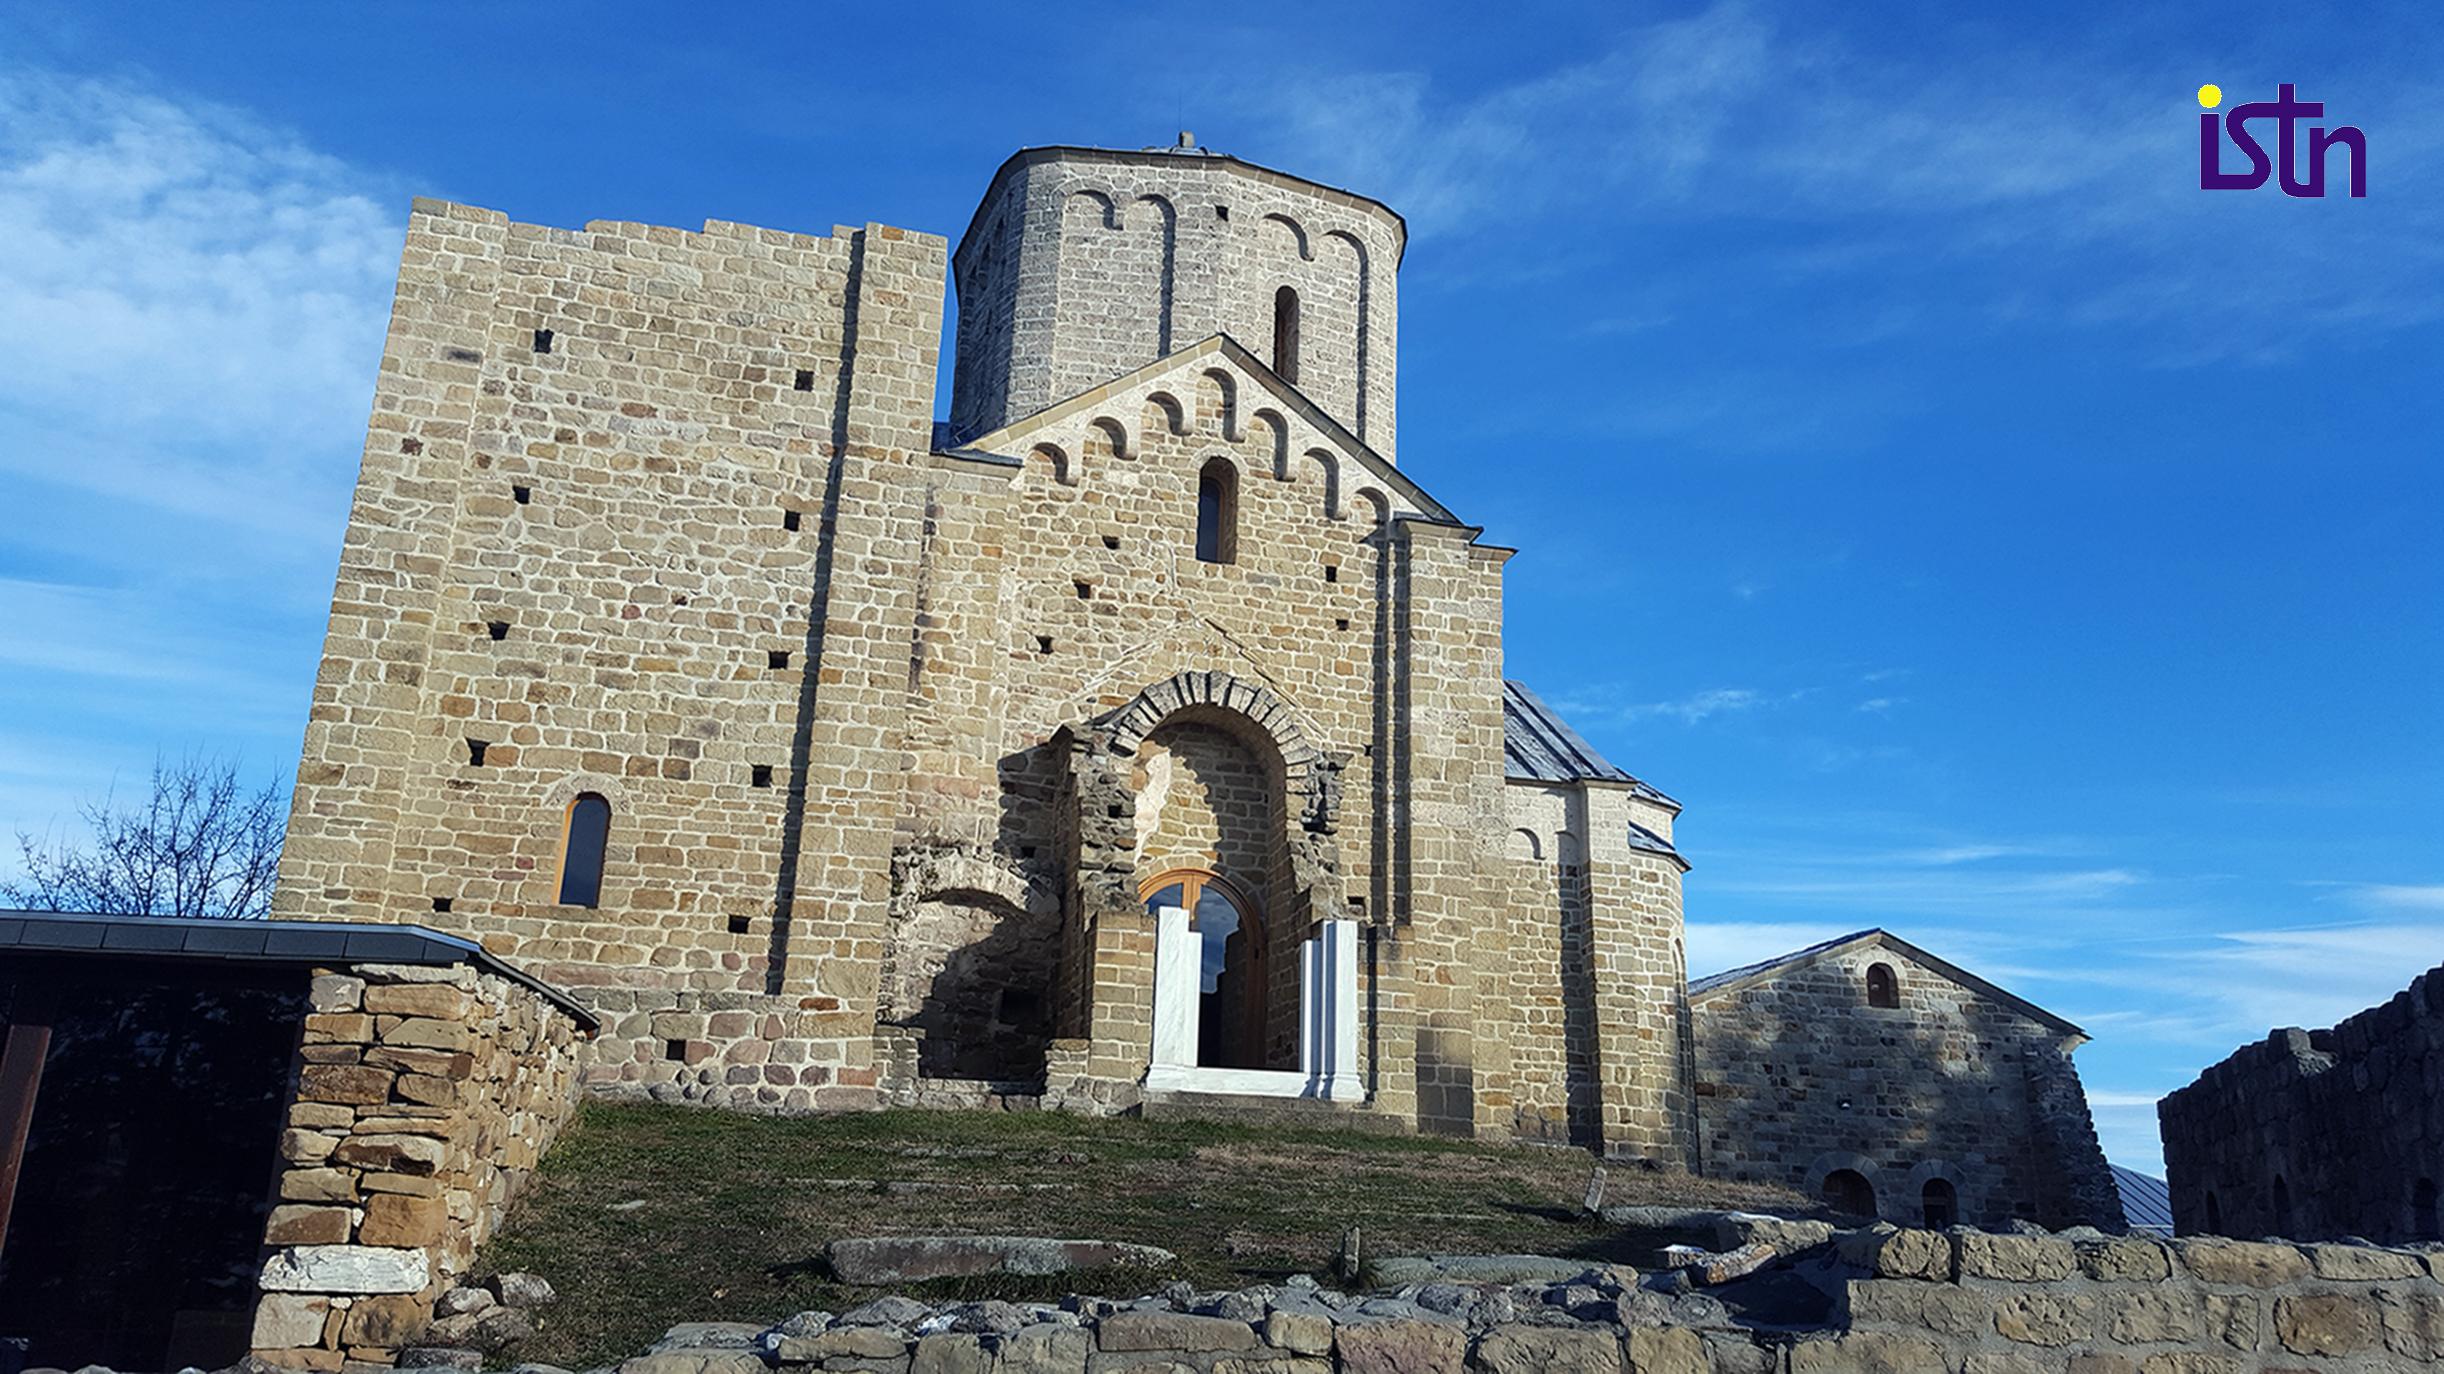 Manastir Djurdjevi Stpovi, ISTN